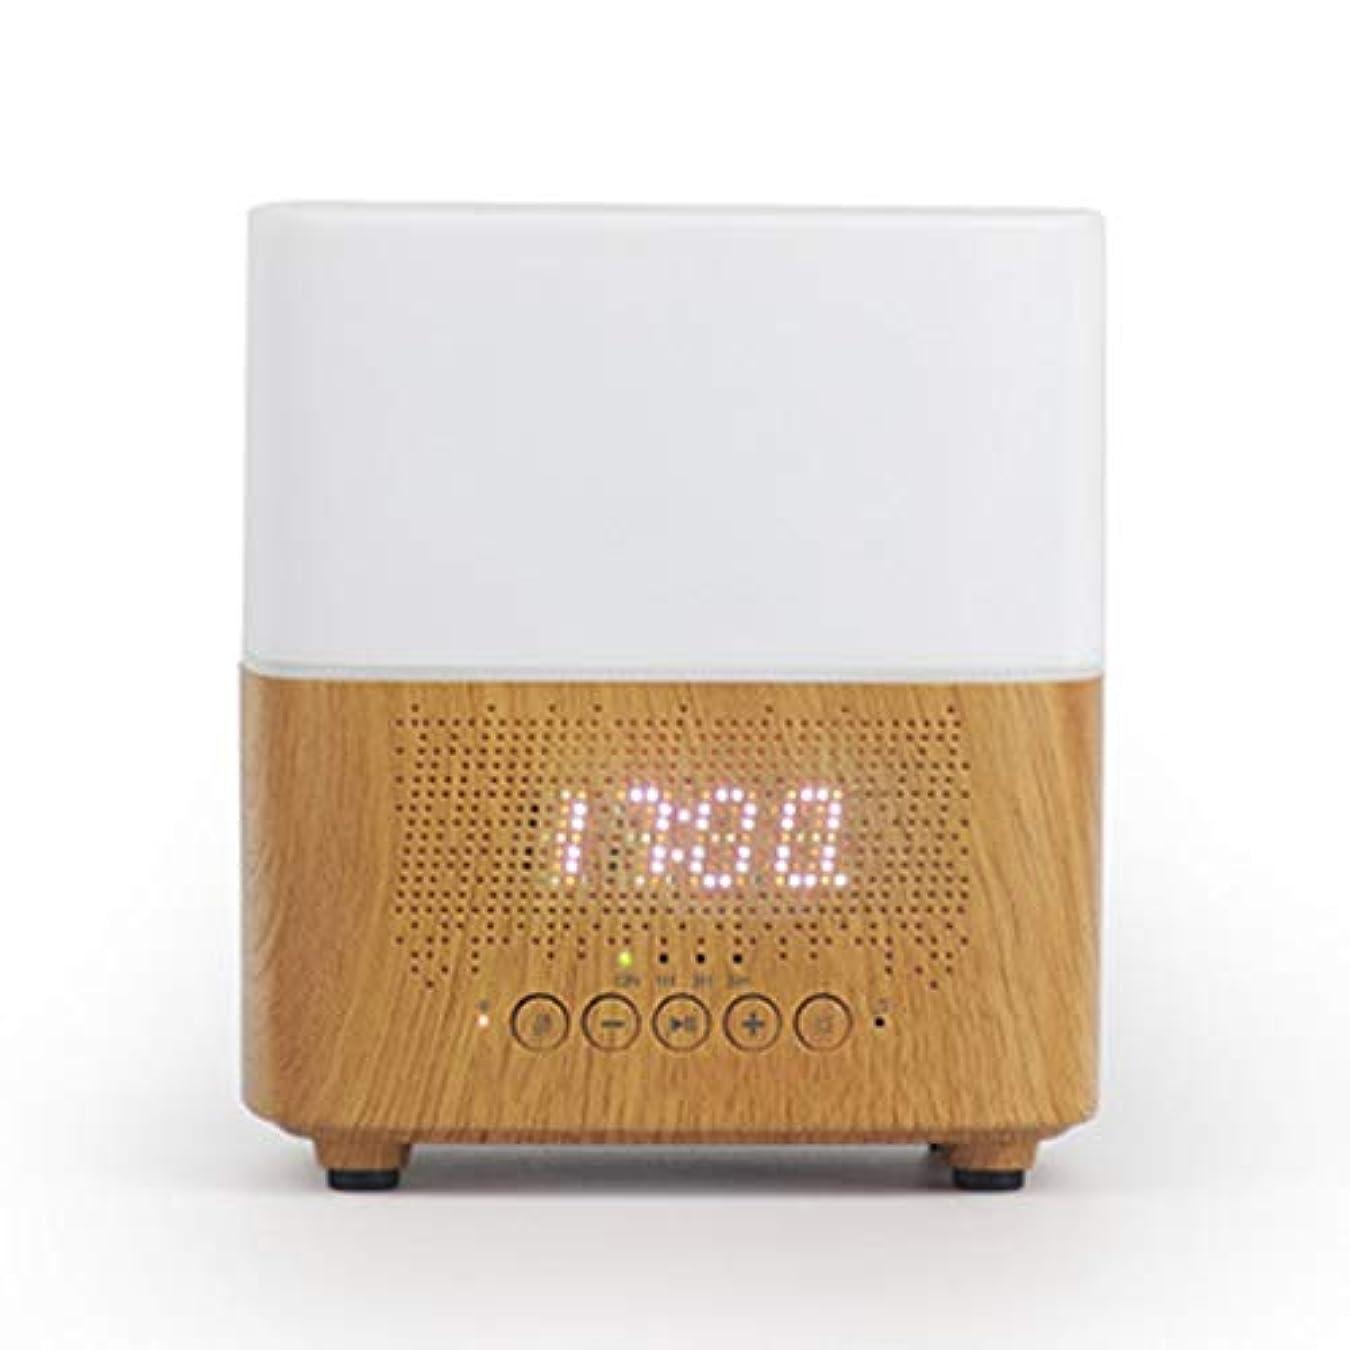 ブルートゥースのスピーカー機械LED時計の目覚まし時計の夜ライト加湿器 (Color : White)